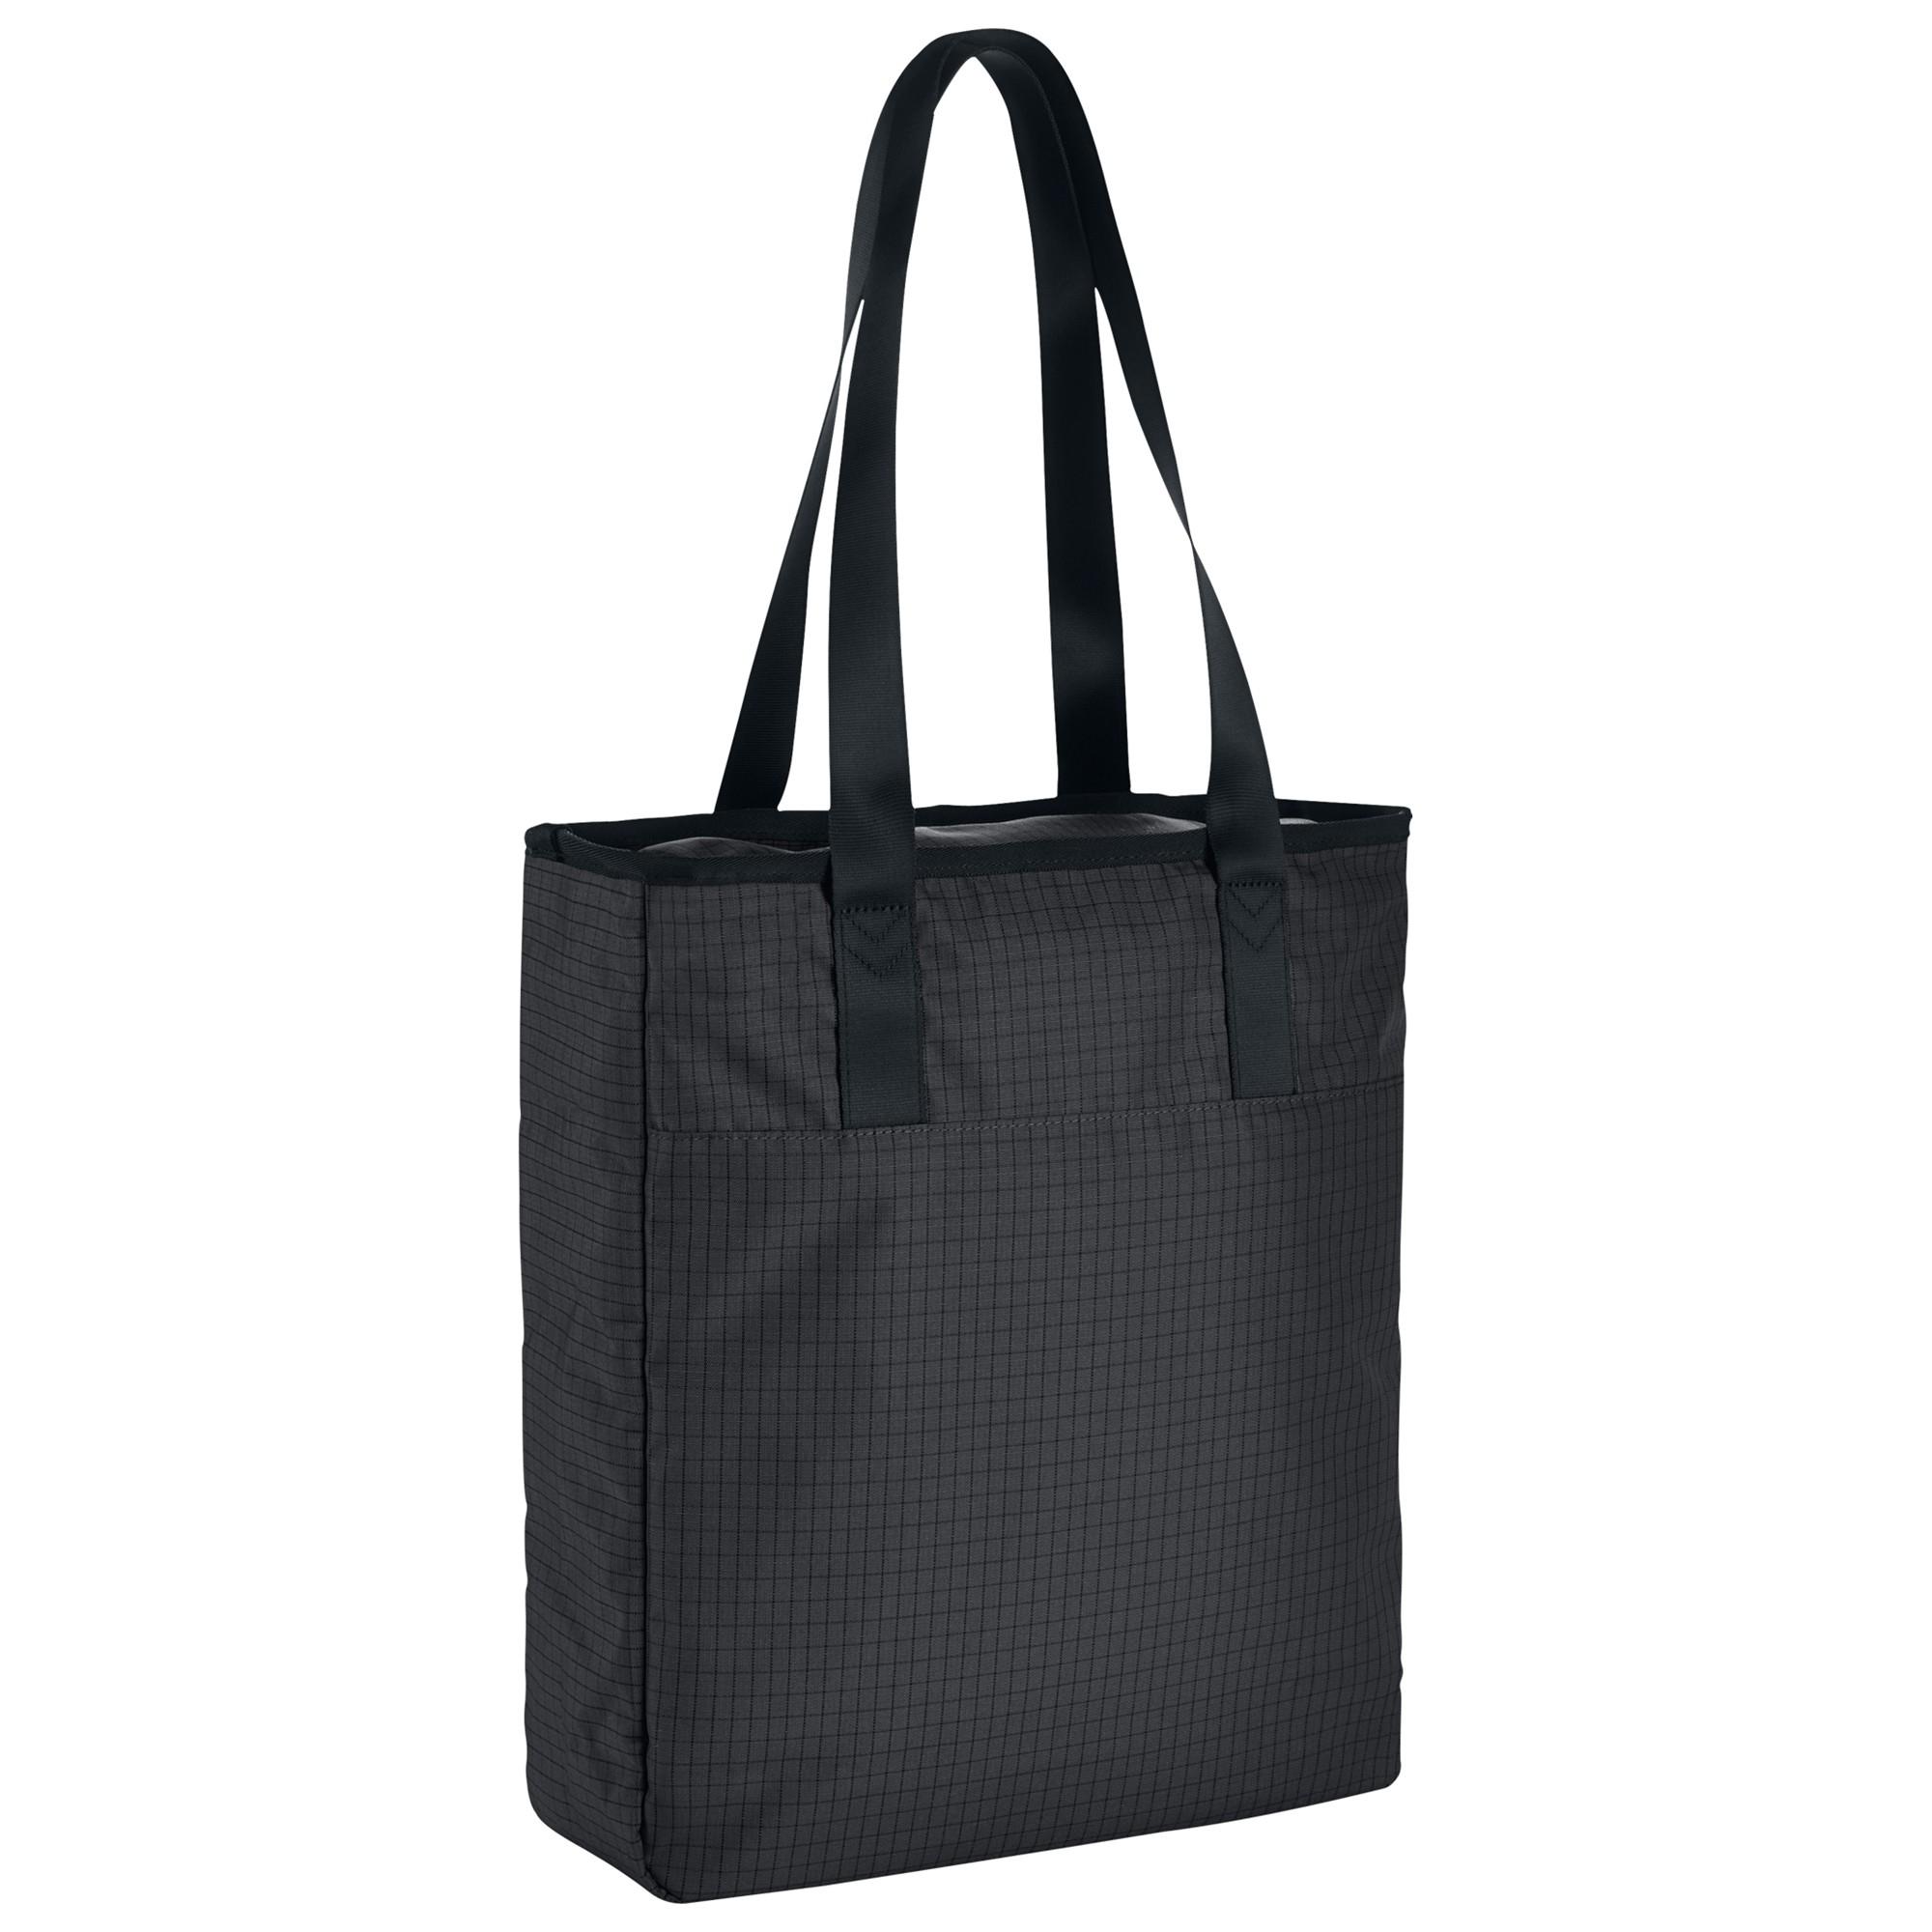 Nike Karst Cascade Tote Bag in Grey/Black (Grey)